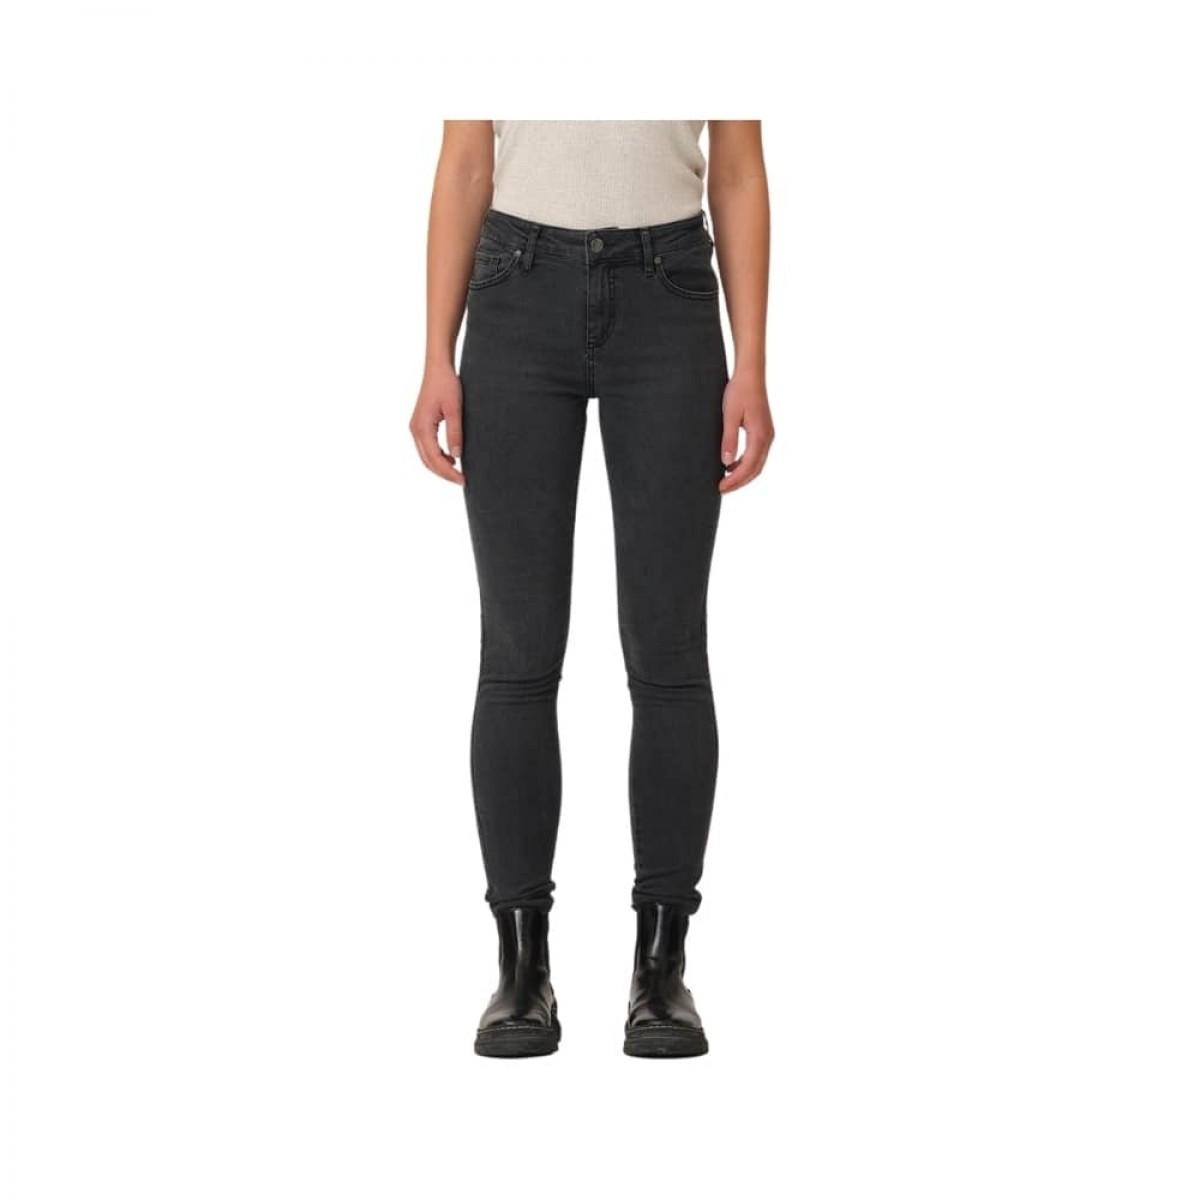 dylan slim jeans - denim blue - model tæt på